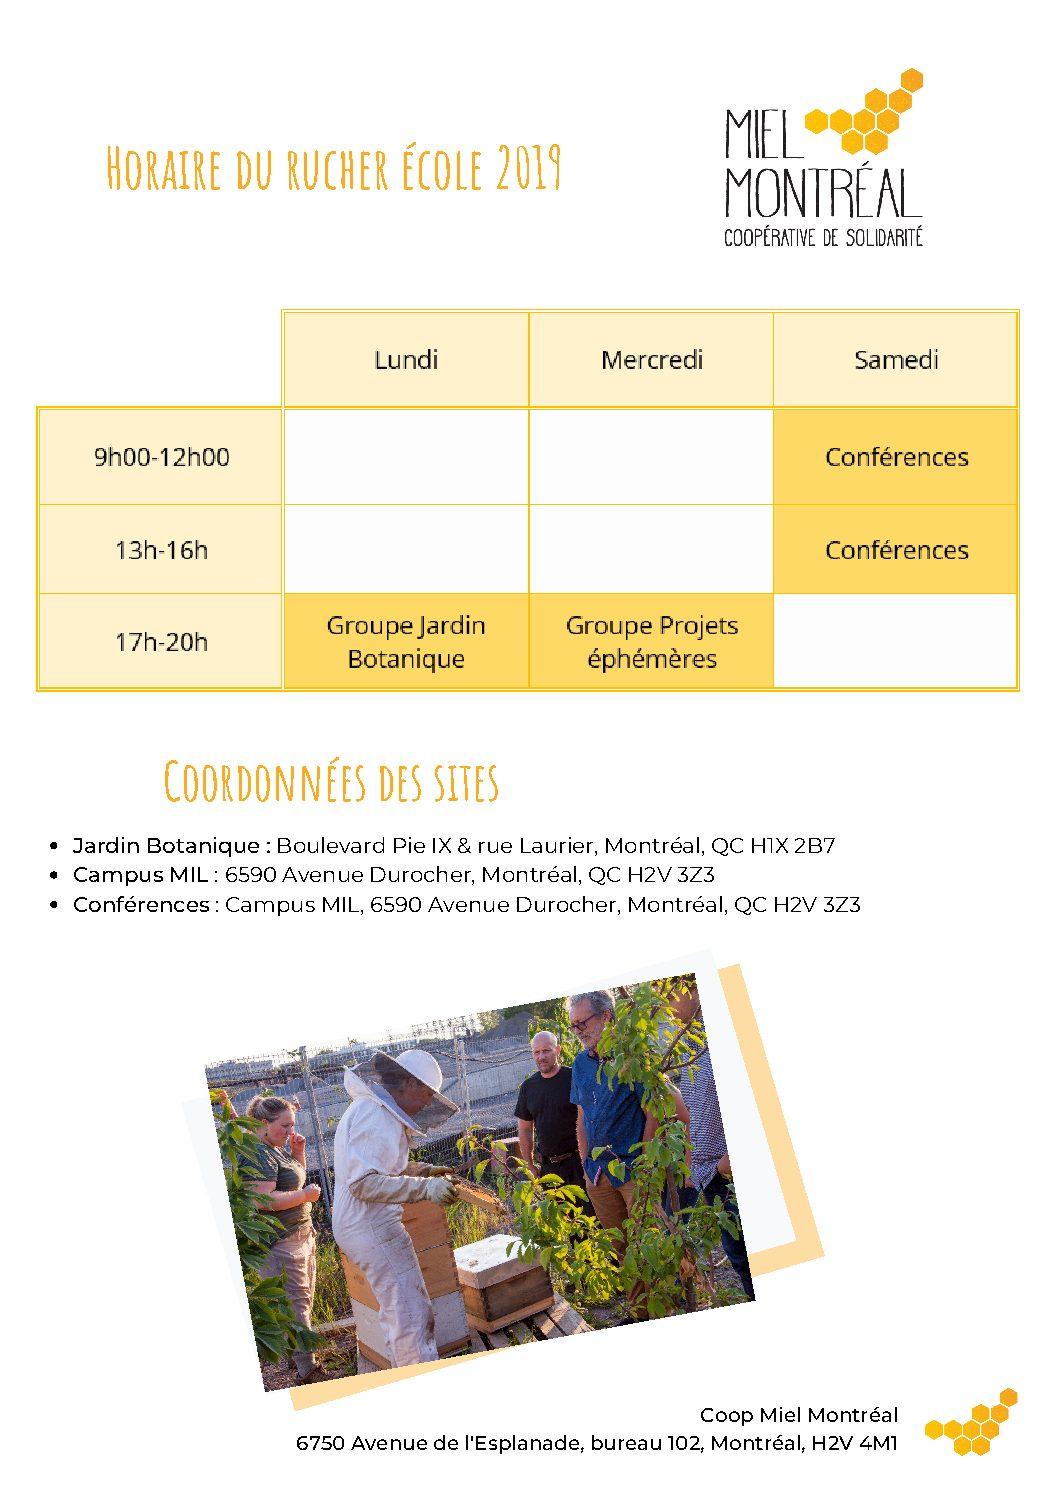 Horaire Rucher École de Miel Montréal, à Montréal, formation apiculture